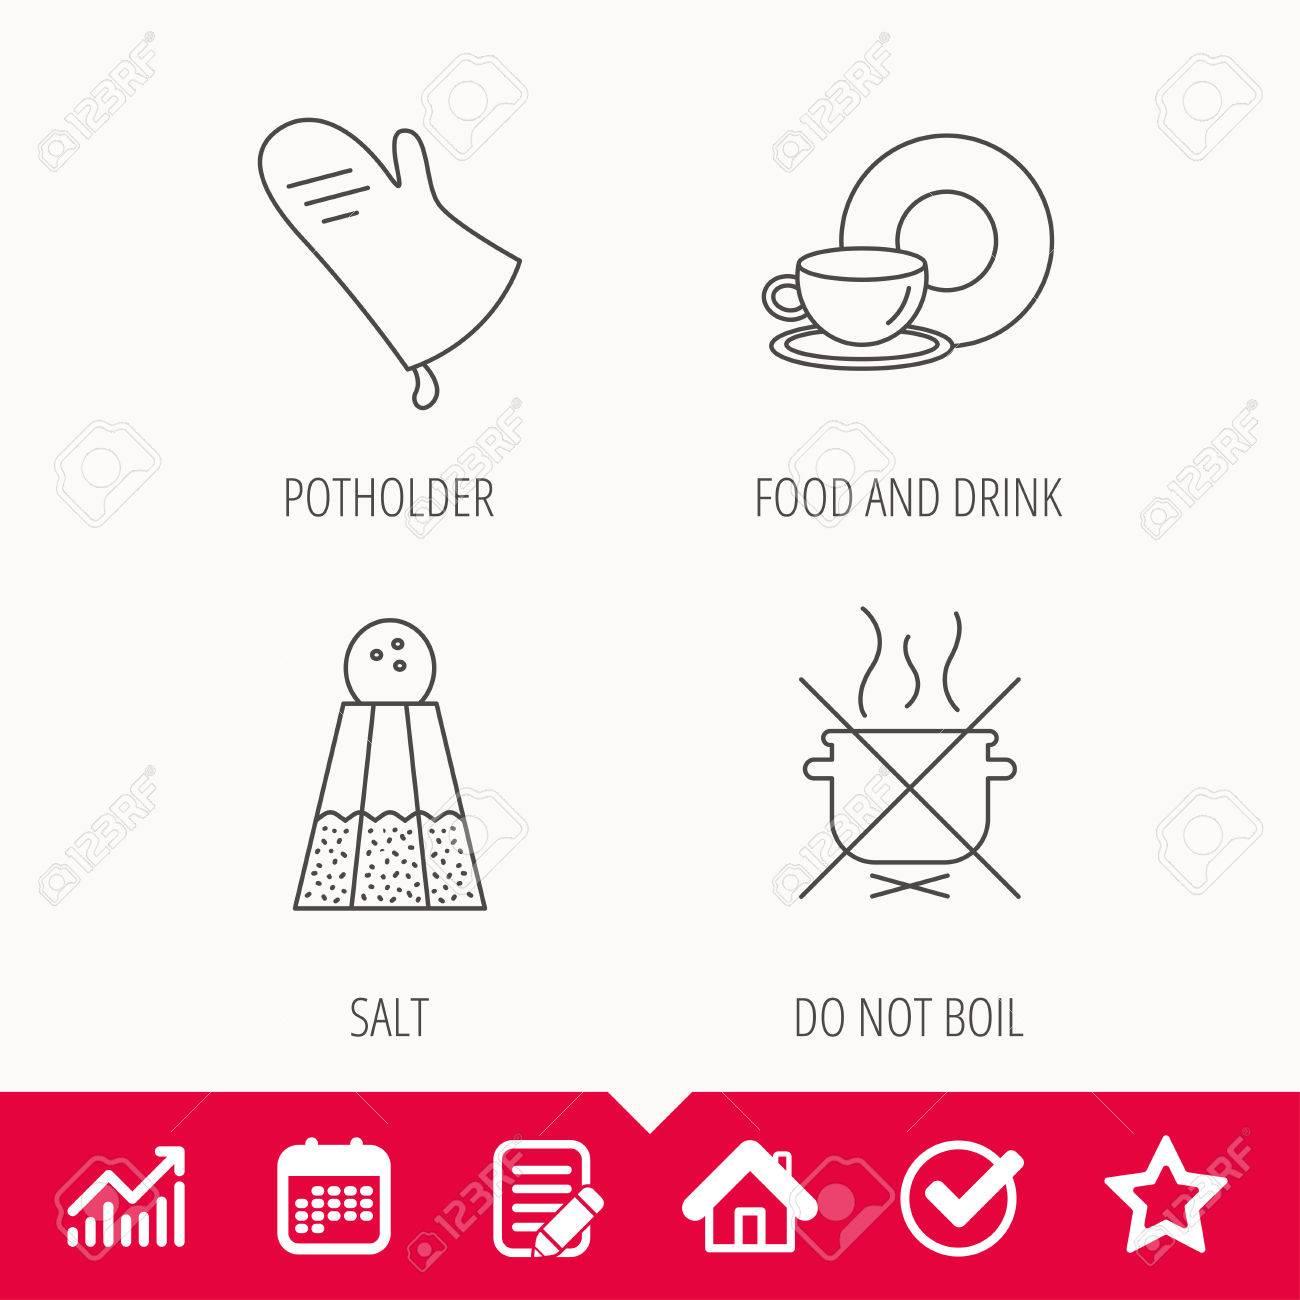 Salz Potholder Und Essen Trinken Ikonen Kochen Sie Nicht Das